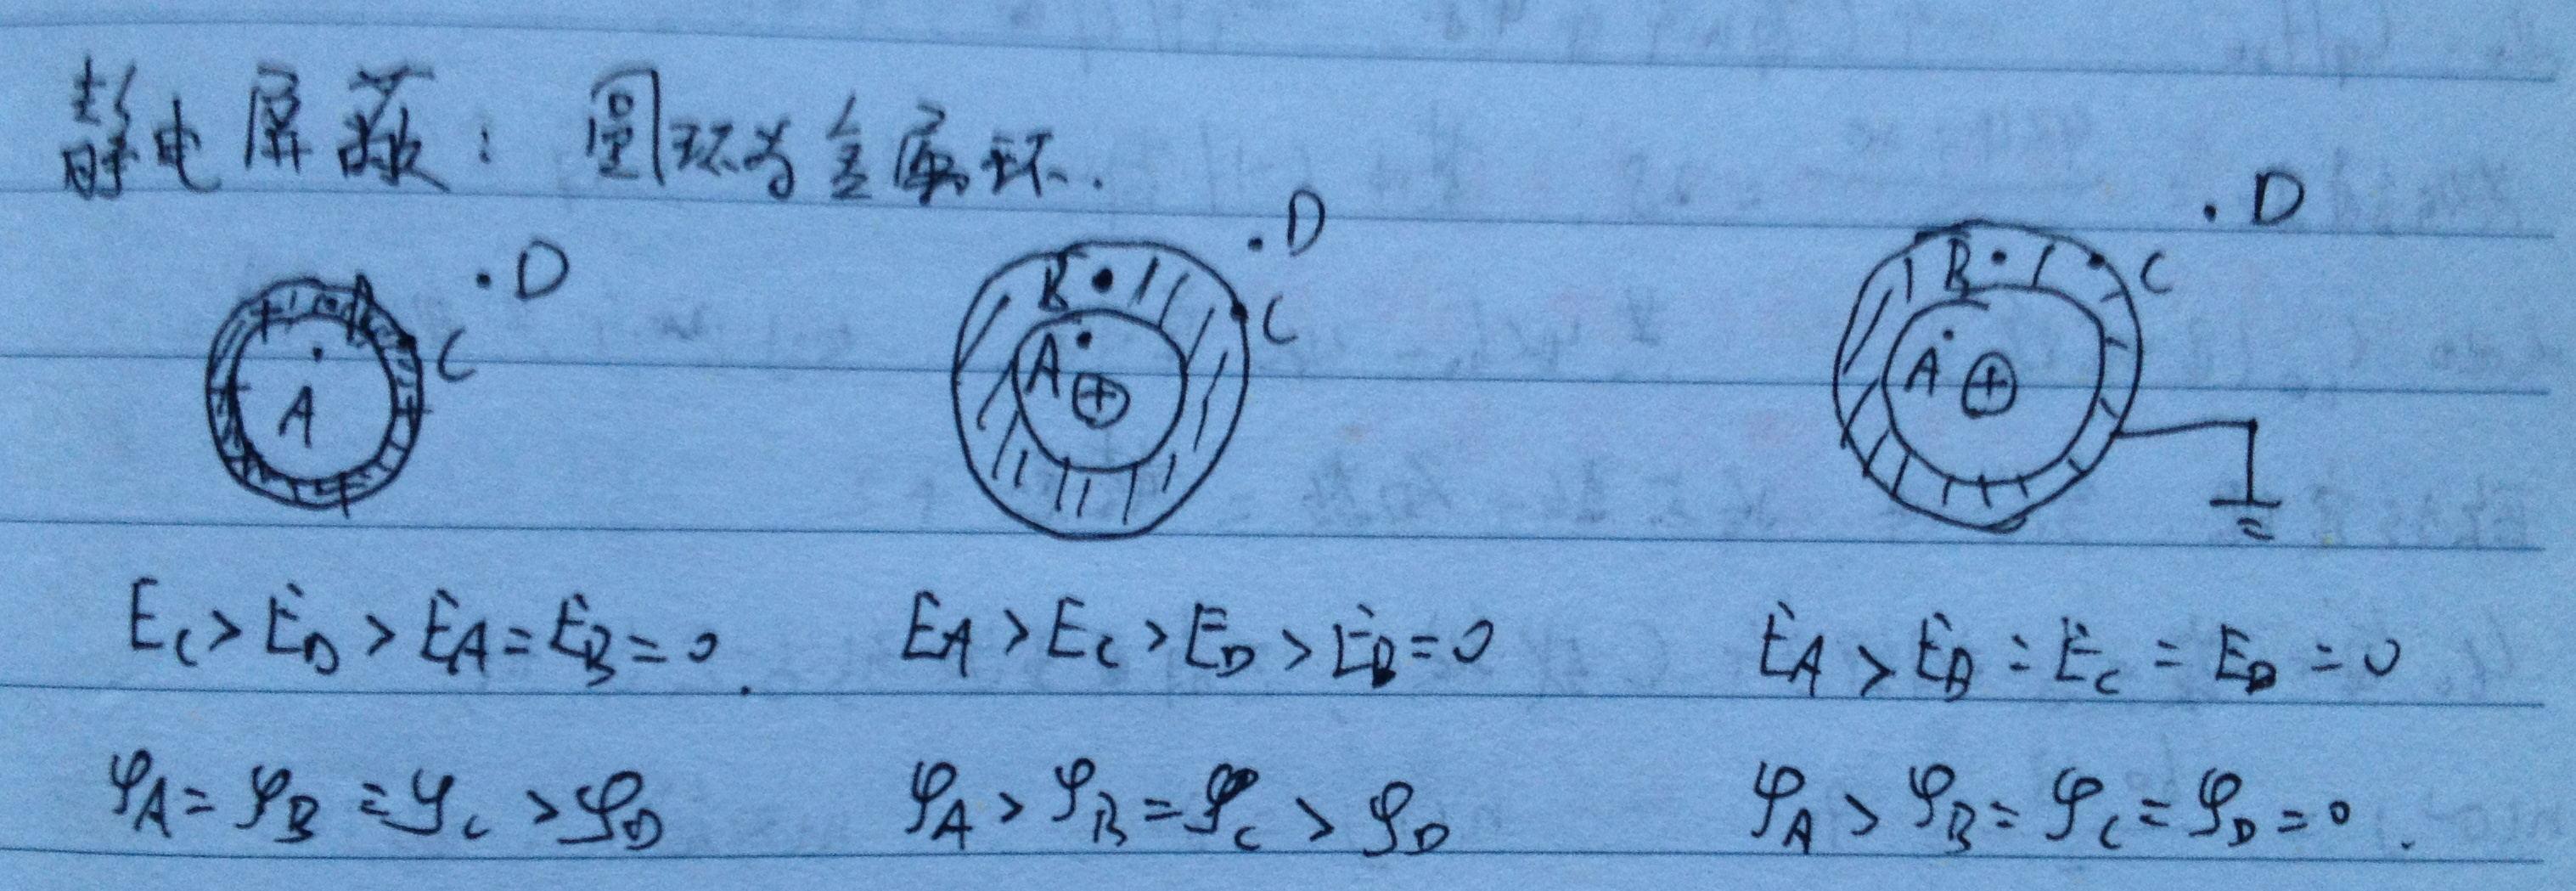 学好高中物理?-物理学-知乎高中生作文英语一名是图片